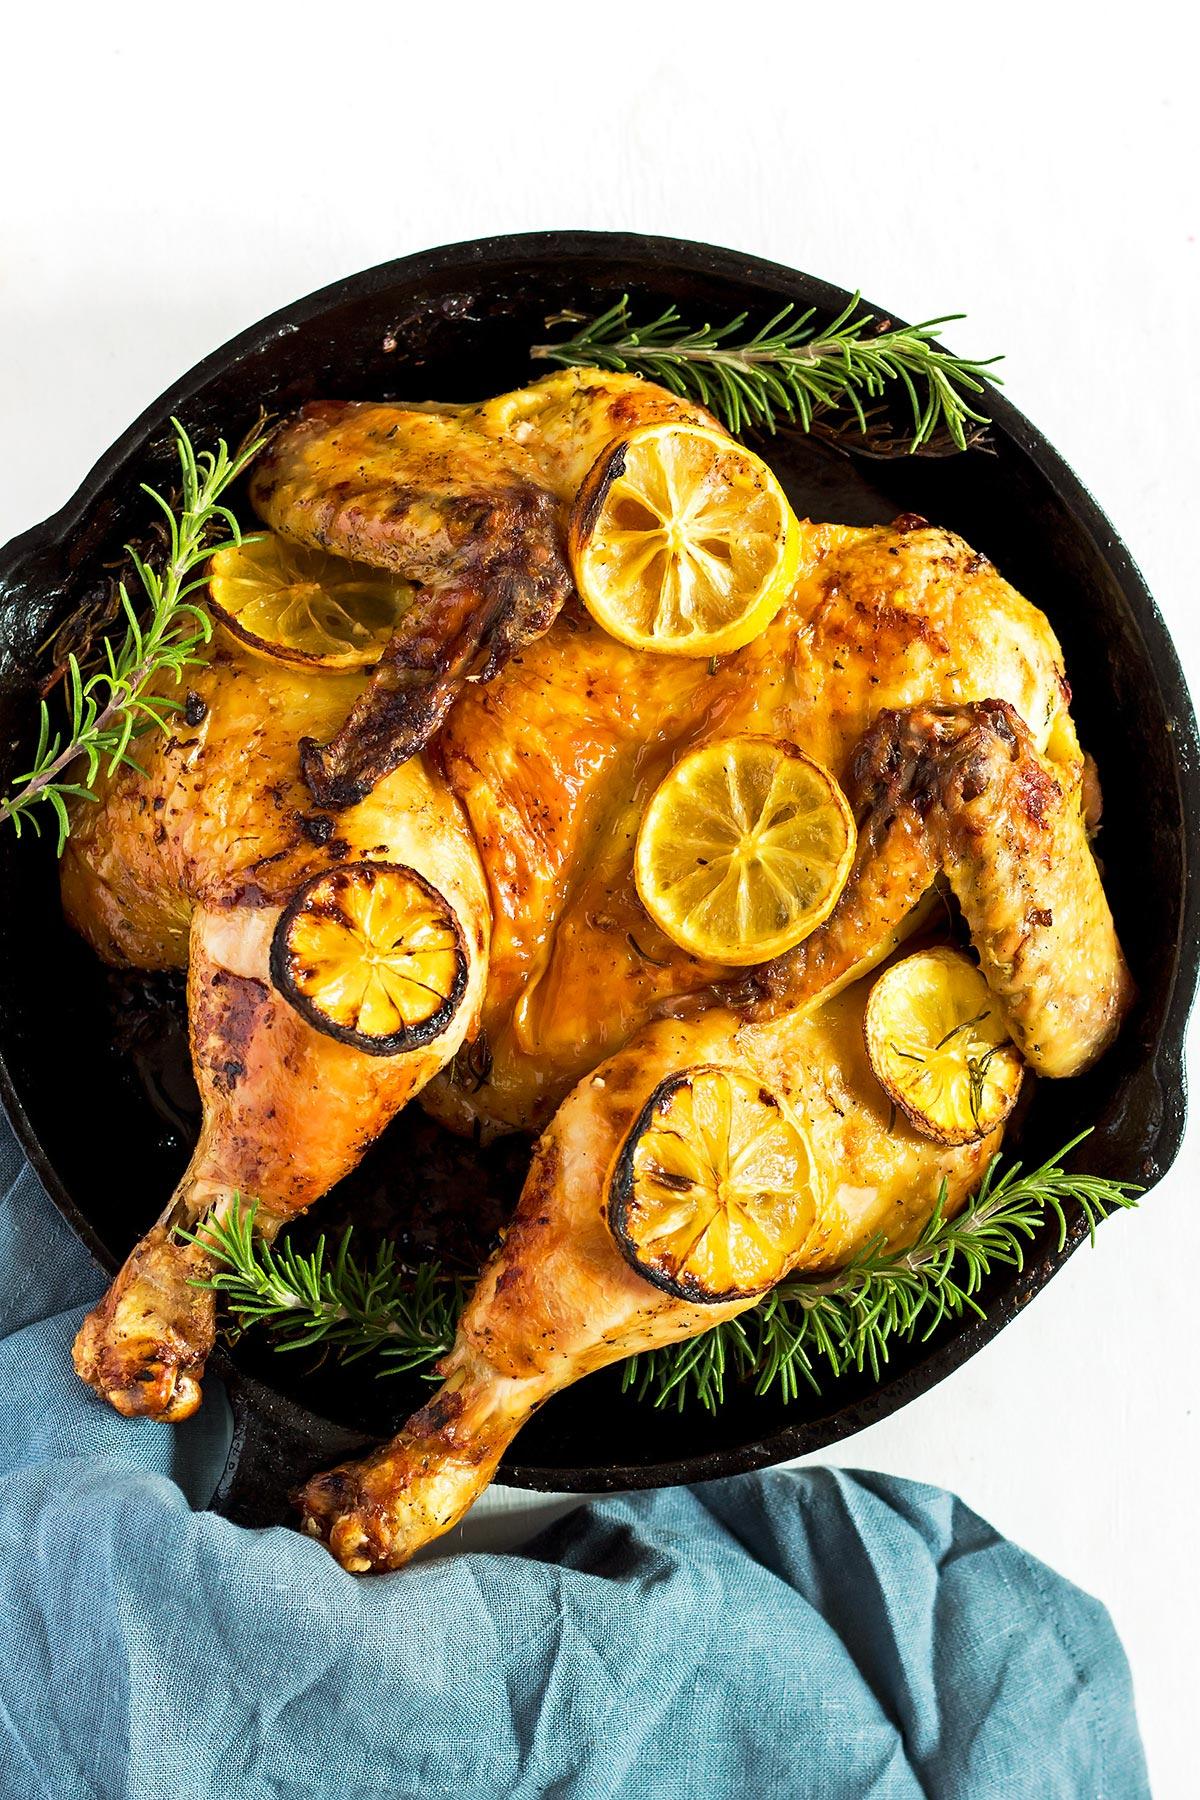 Butterflied Chicken Roast with Lemon